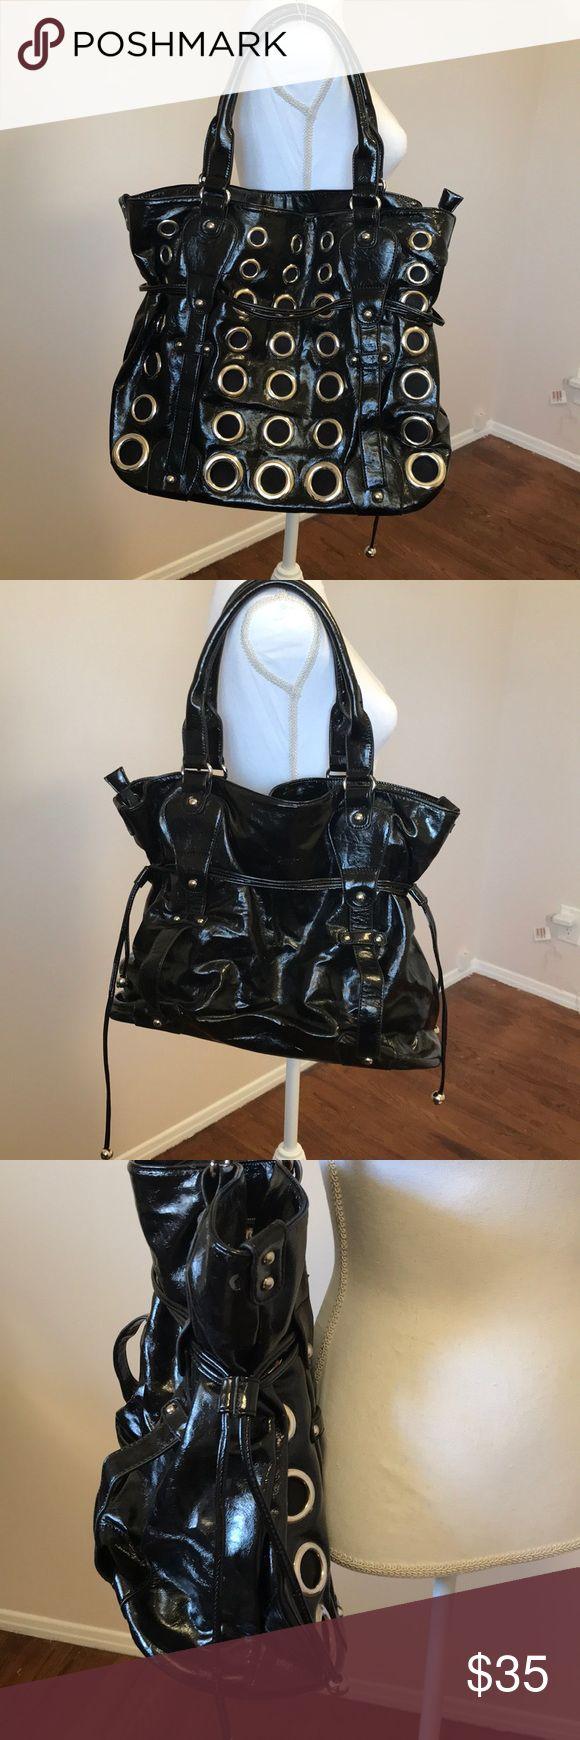 Nicole Lee Large Black Tote Bag Nicole Lee Large Black Tote Bag. NWOT  Metal rings front embellishments, side drawstrings. Nicole Lee Bags Totes